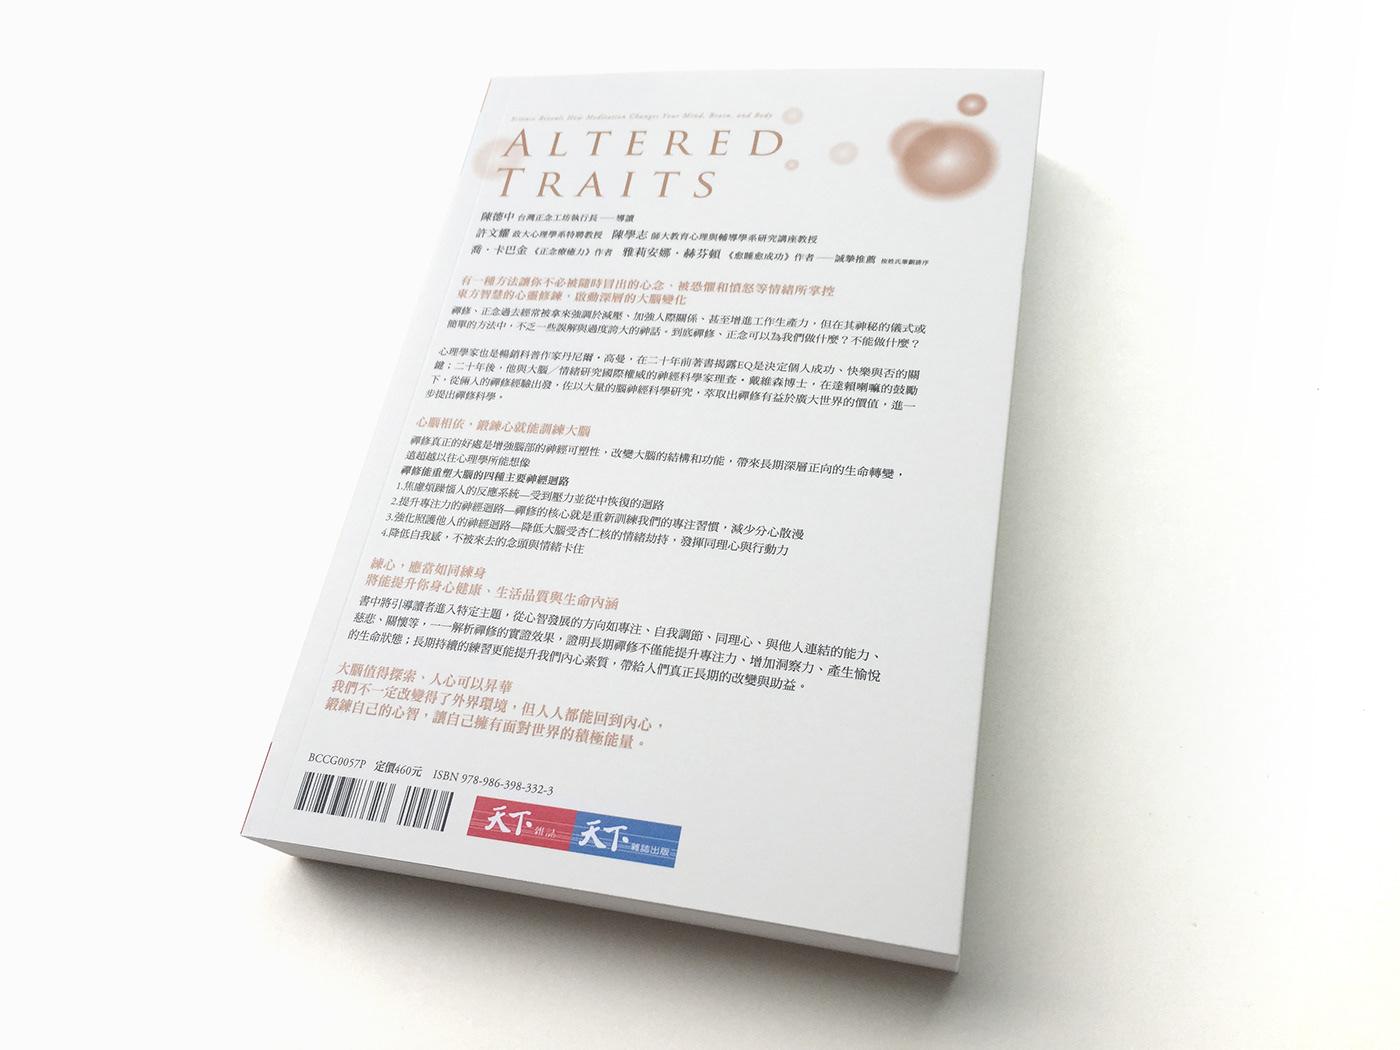 台湾设计师朱陈毅:书籍封面字体和装帧设计